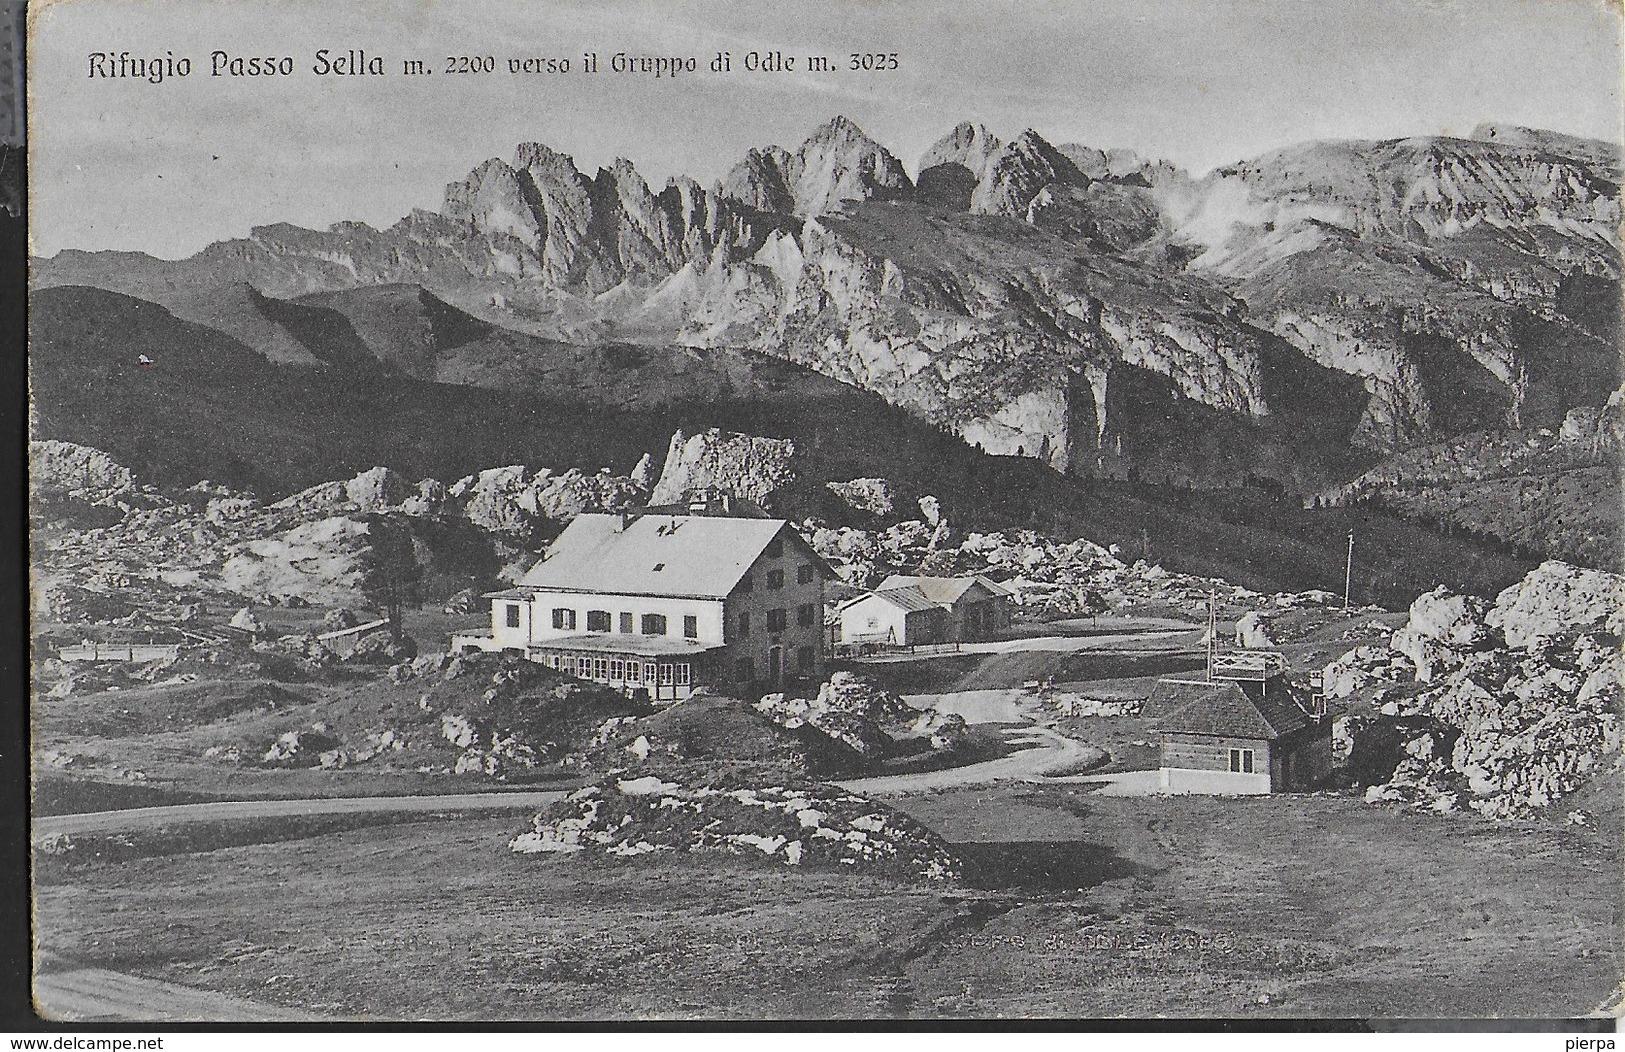 DOLOMITI - RIFUGIO PASSO SELLA - FORMATO PICCOLO - FOTO GHEDINA - VIAGGIATA 1935 - Alpinisme